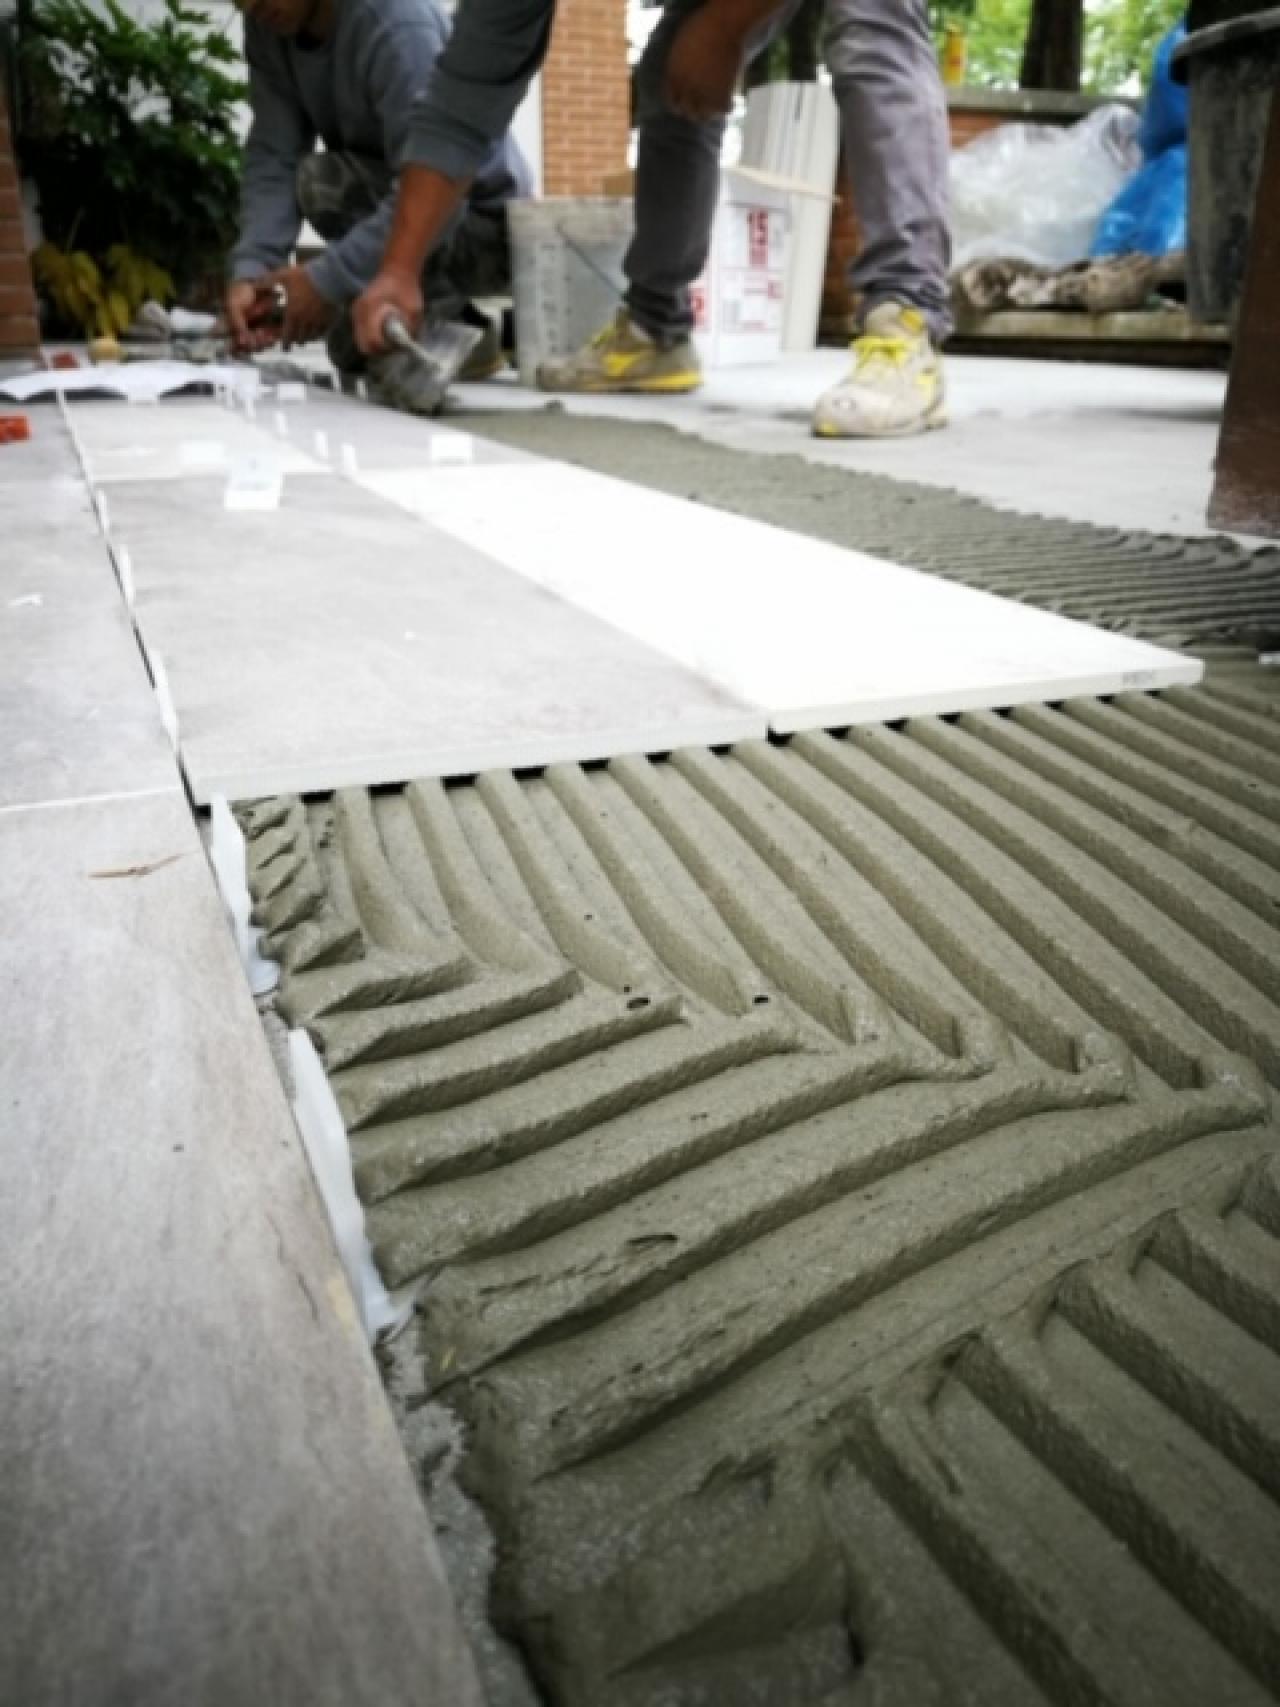 Battiscopa Staccato Dal Pavimento posa a colla o a sabbia e cemento? | fratelli pellizzari